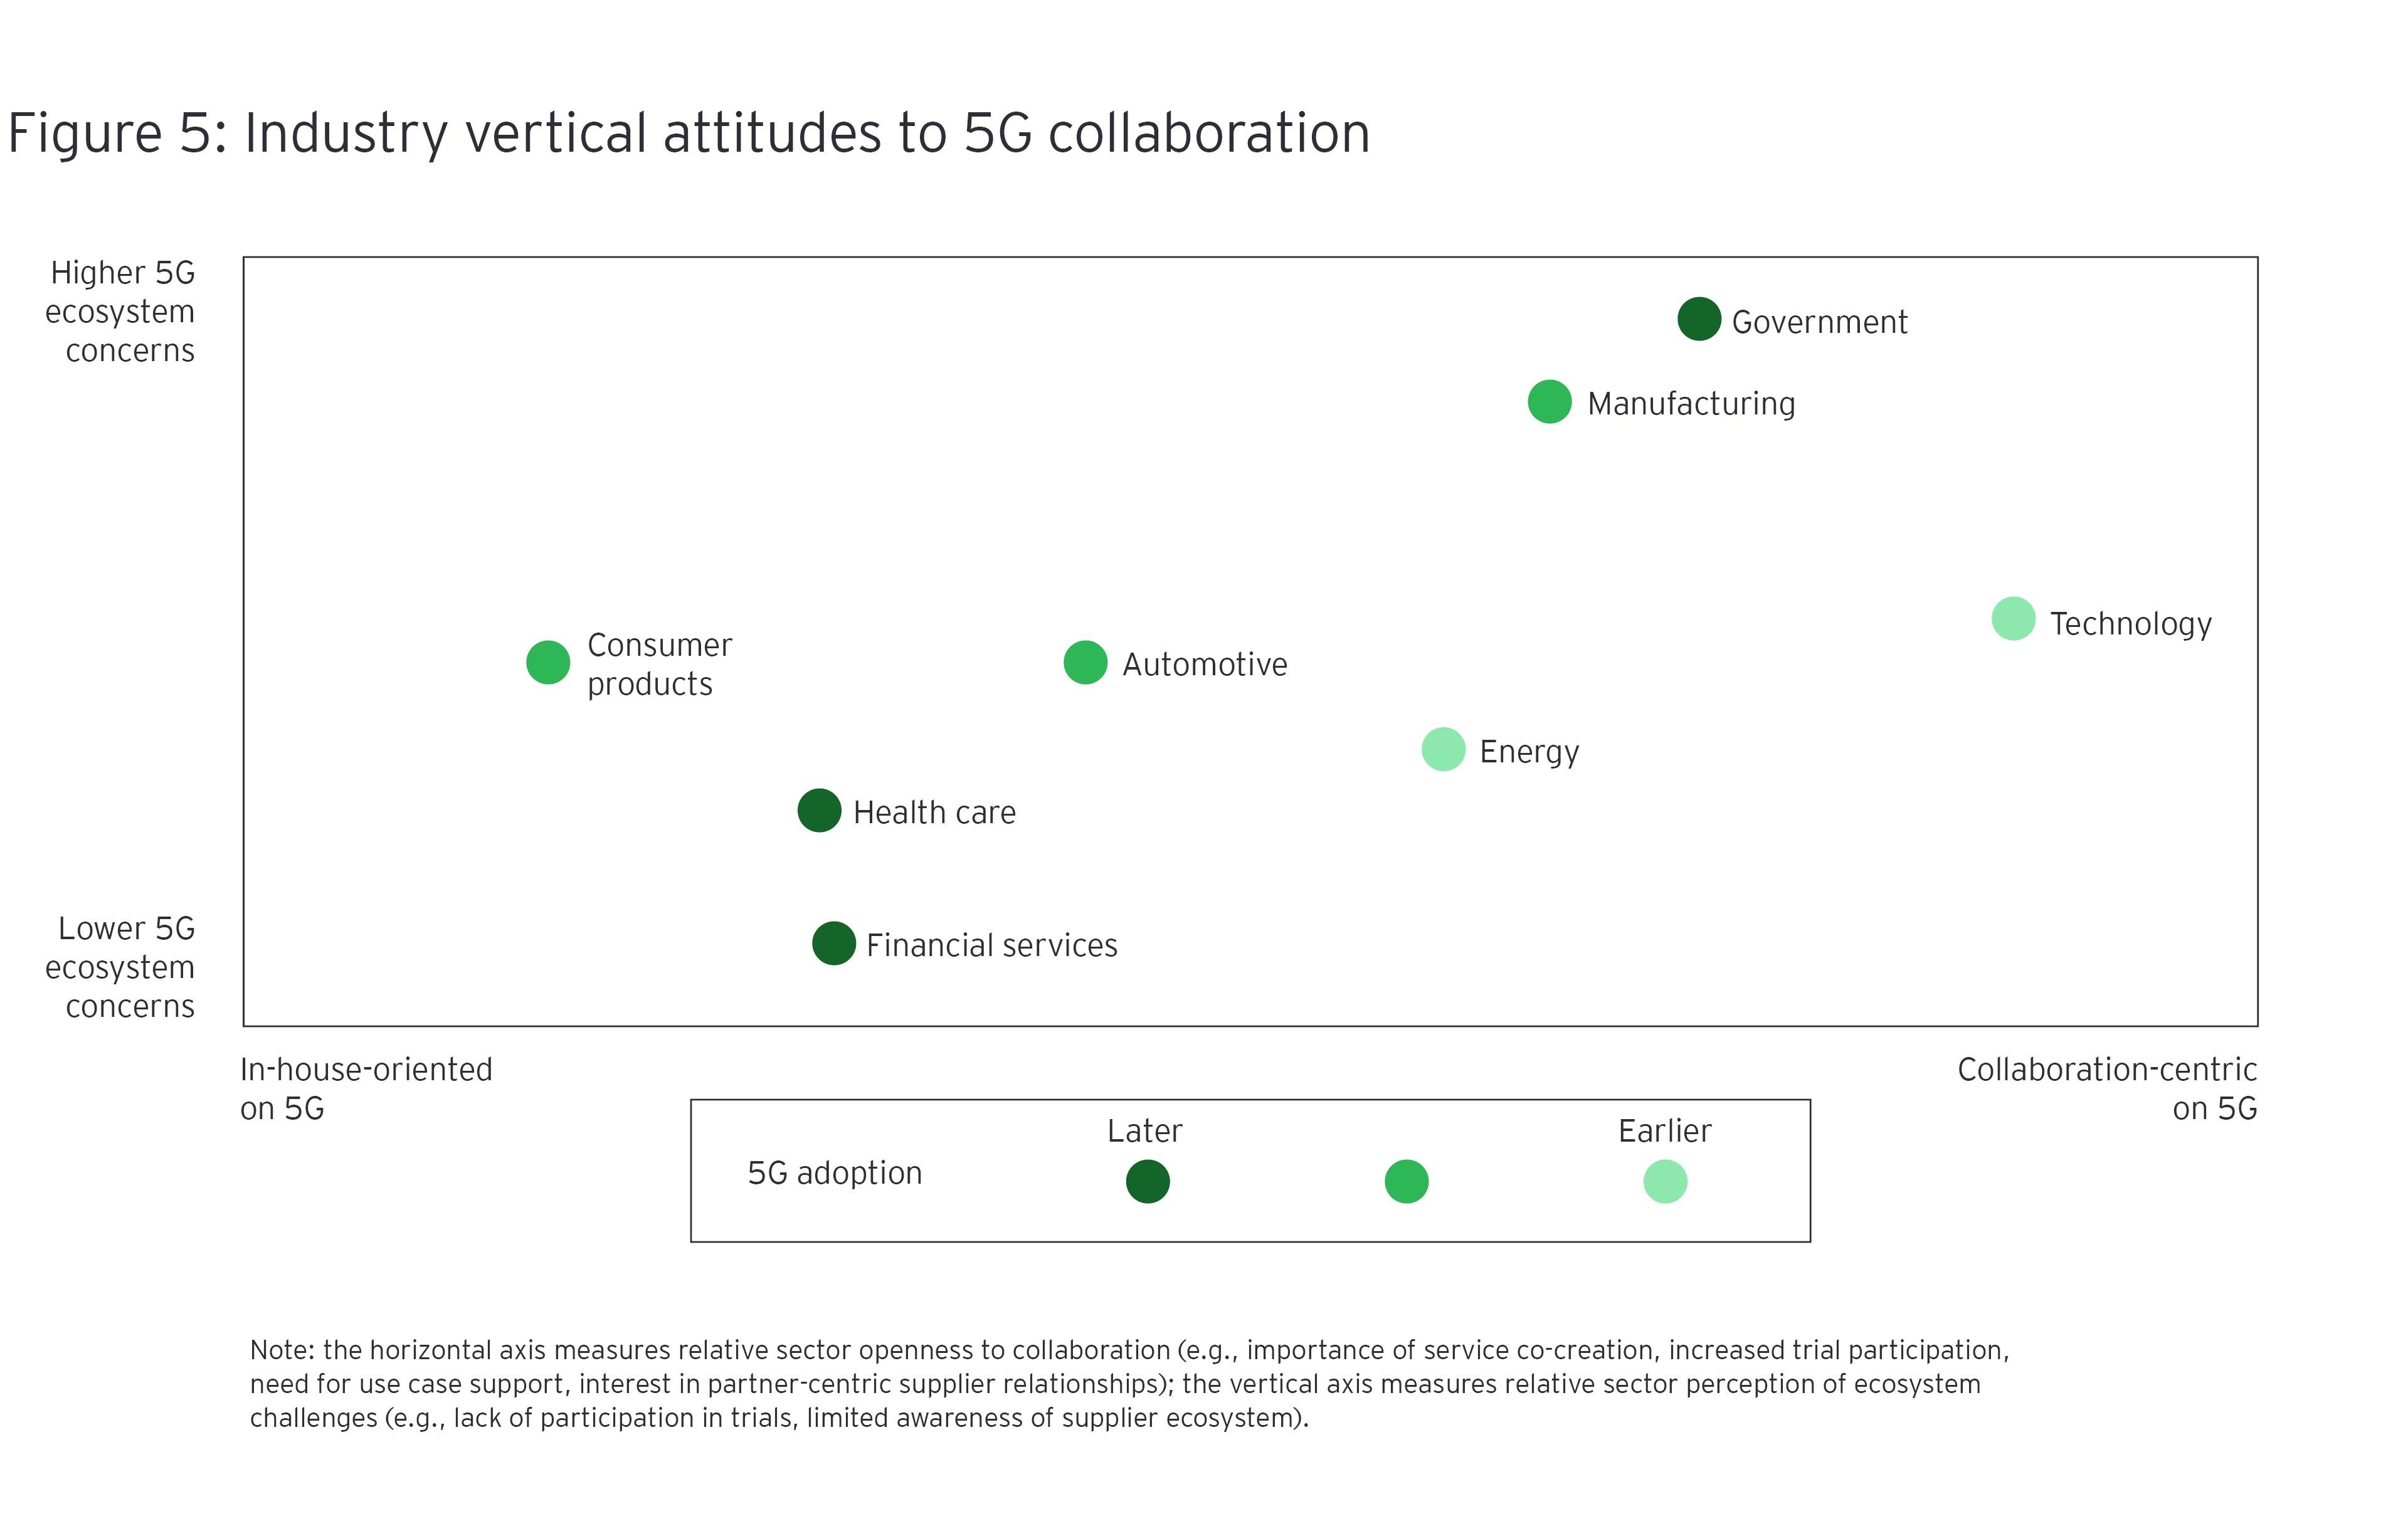 Toimialan vertikaaliset asenteet 5G-yhteistyöhön